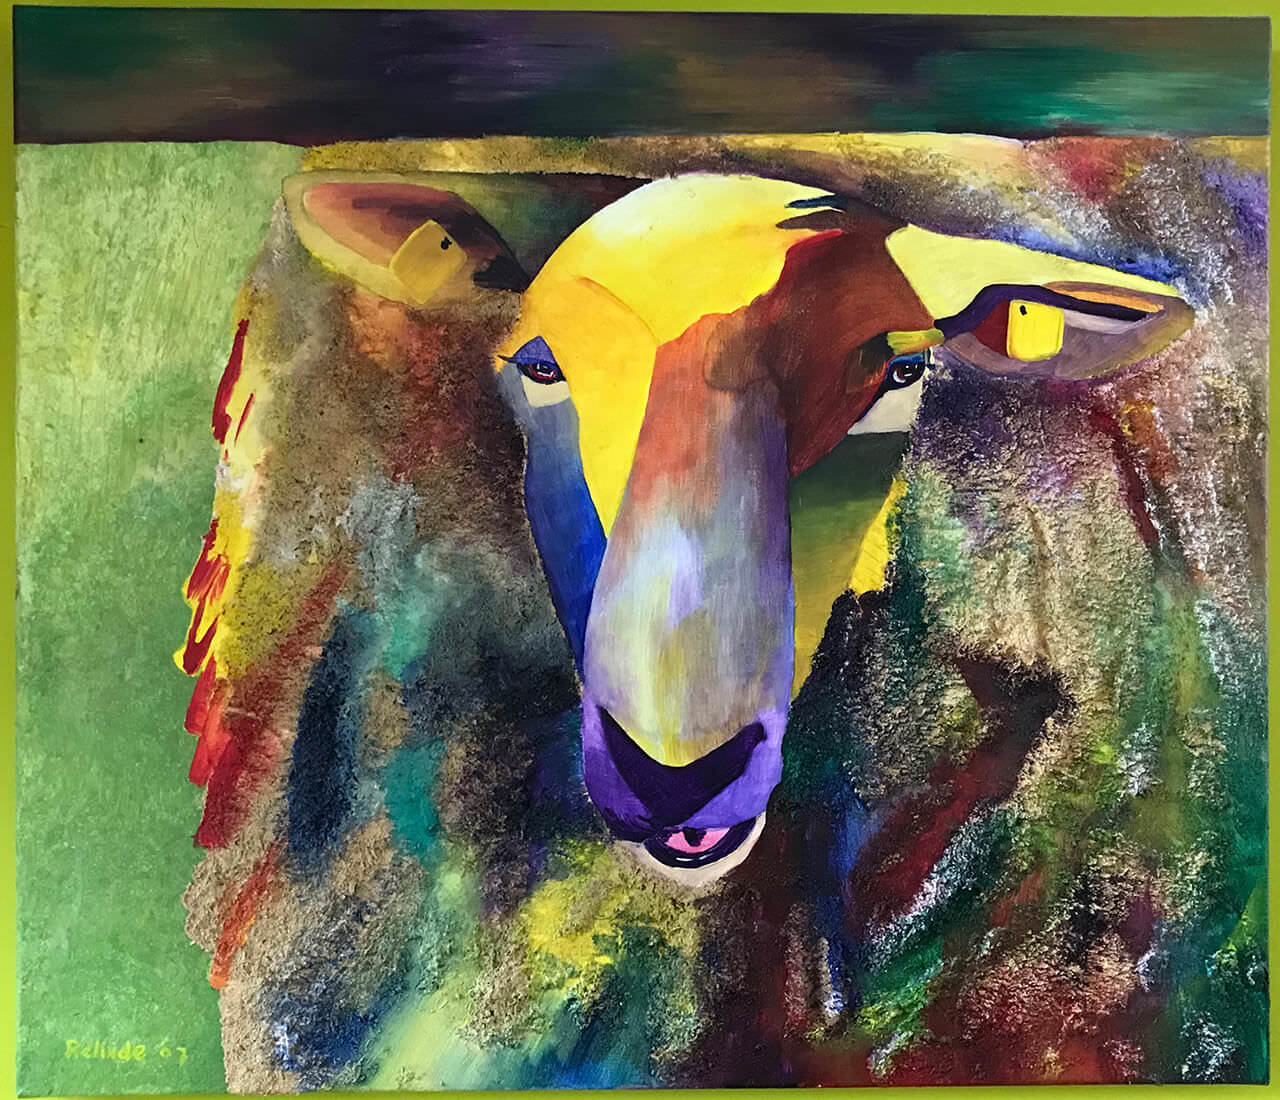 Schaap60 x 70Acryl met mixed mediaReliëf schilderijOnderdeel van een tweeluik met het schilderij Zwaan